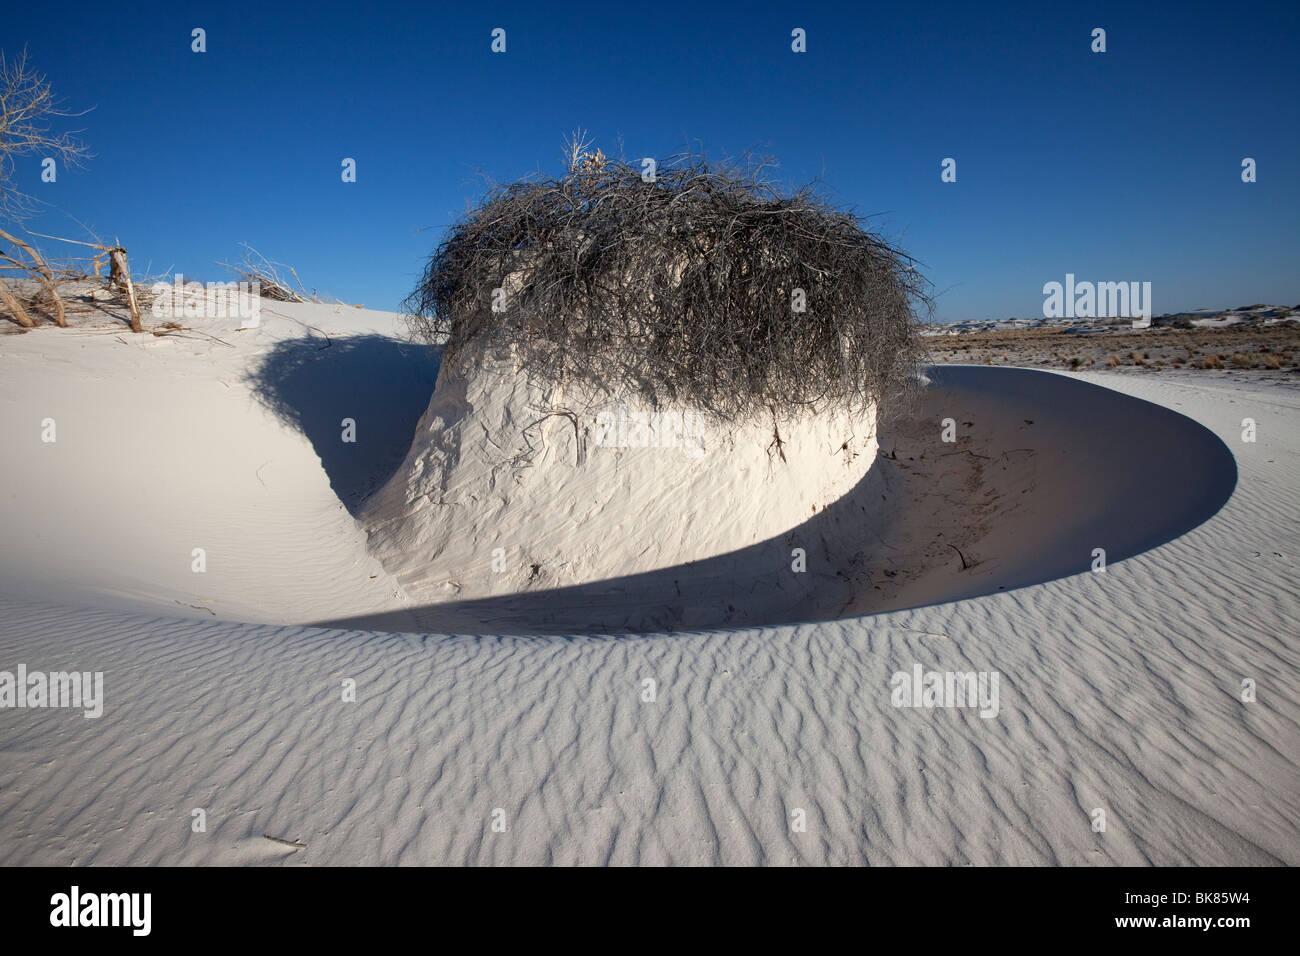 Vent de sable sculpté, Formation de White Sands National Monument, Nouveau-Mexique Photo Stock